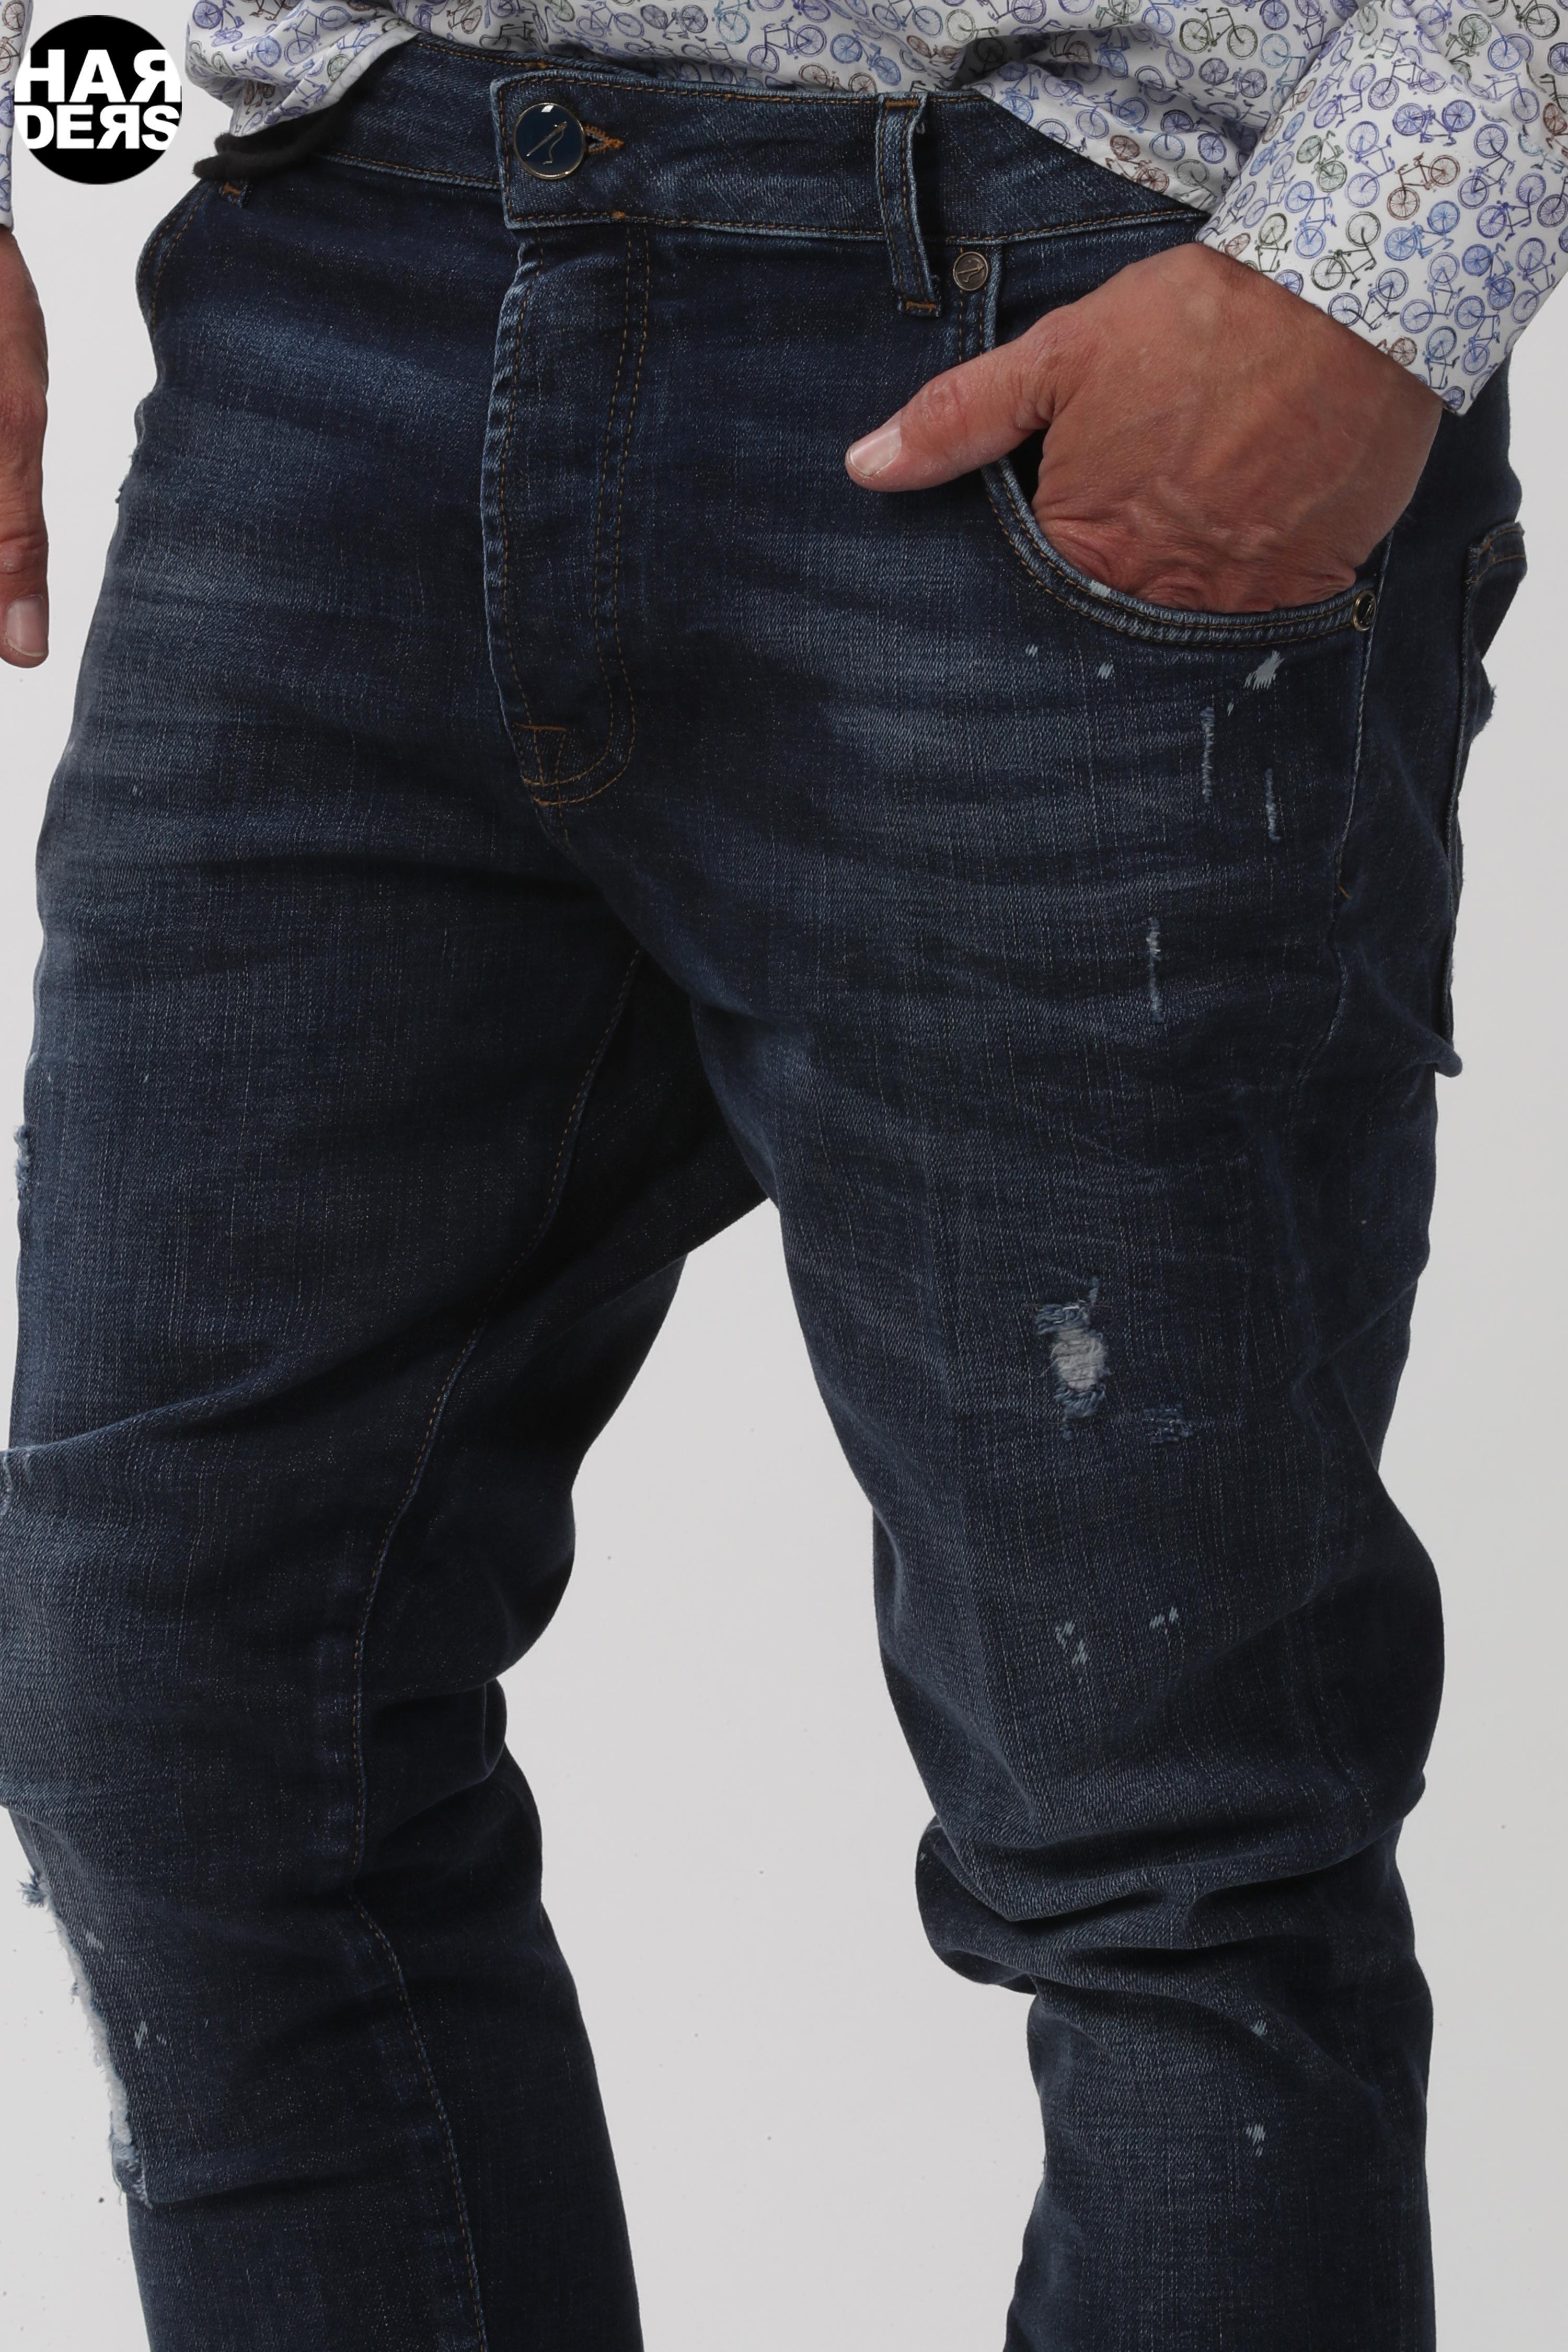 Goldgarn jeans damen   Jeans für Damen im Sale im Online